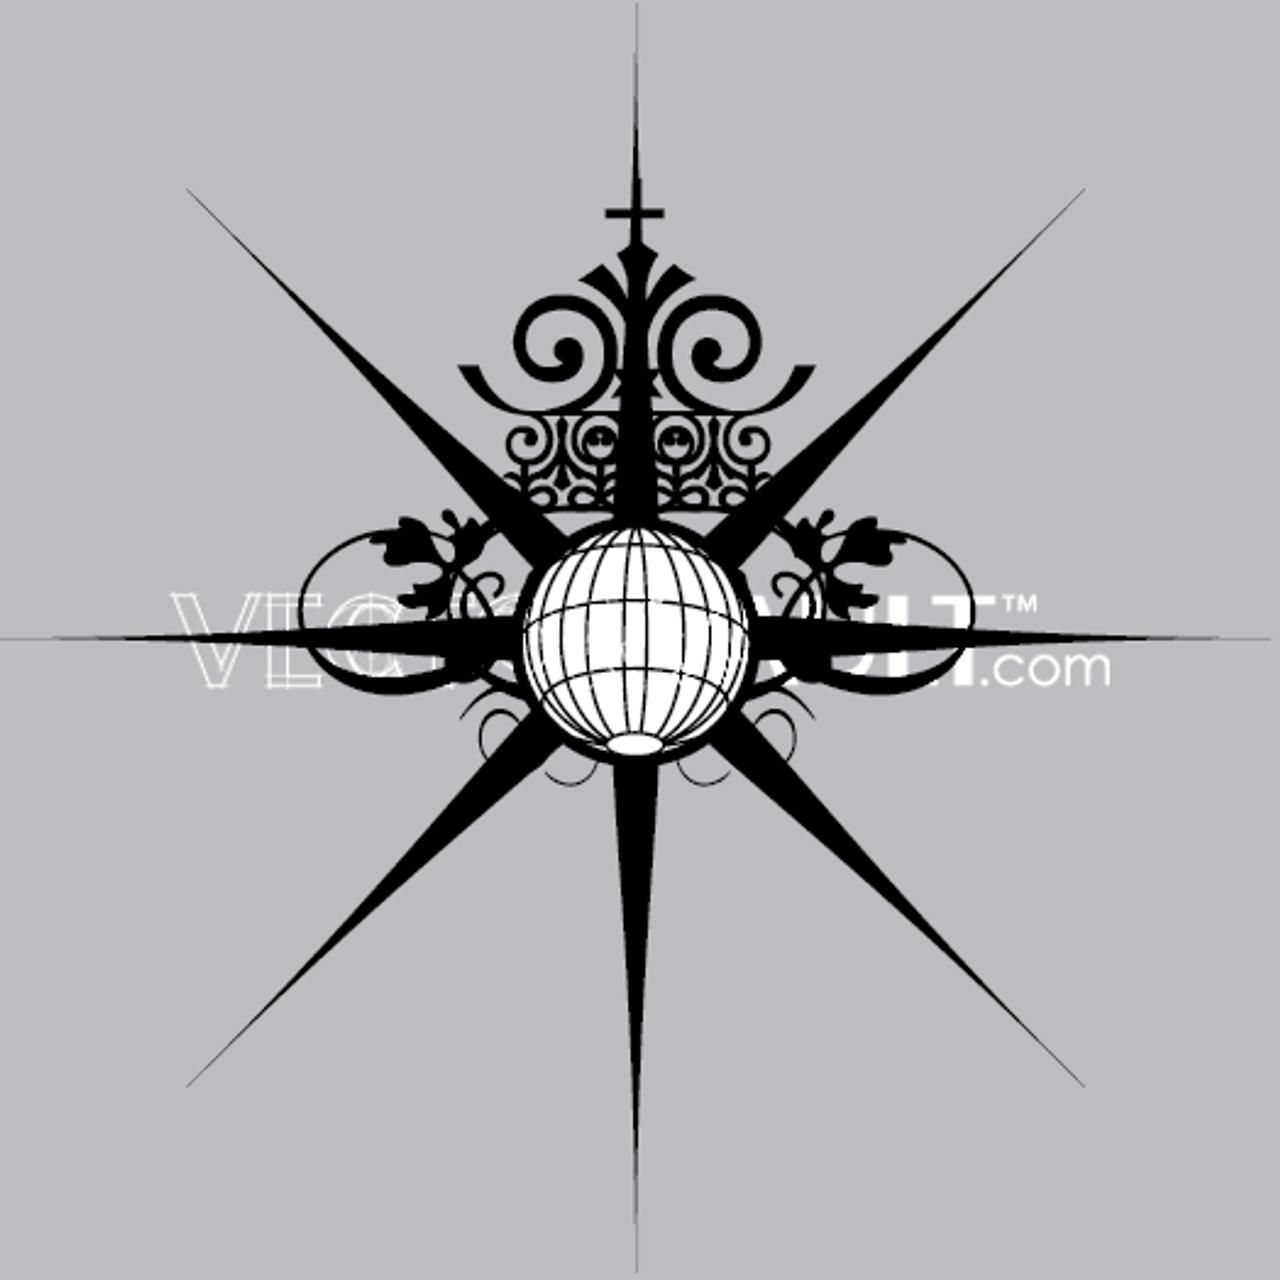 buy vector globe burst icon logo graphic royalty-free vectors  buy vector art - vectorvault